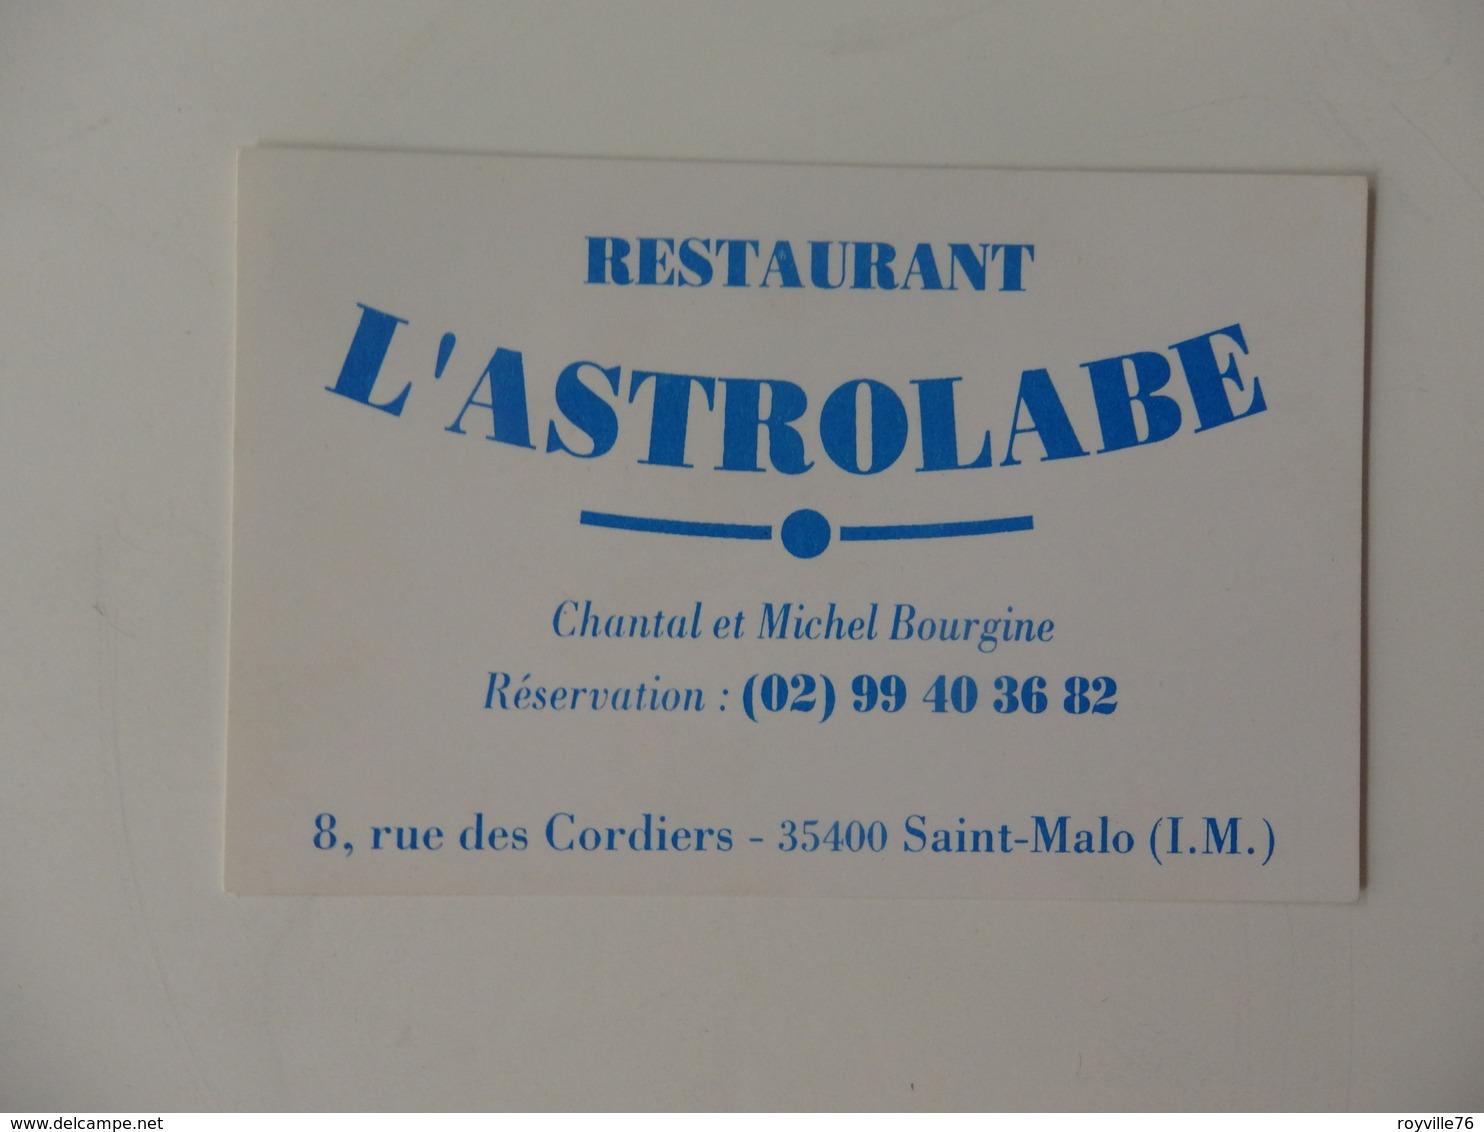 Carte De Visite Du Restaurant L'Astrolabe Chantal Et Michel Bourgine 8, Rue Des Cordiers Saint-Malo (35). - Visiting Cards